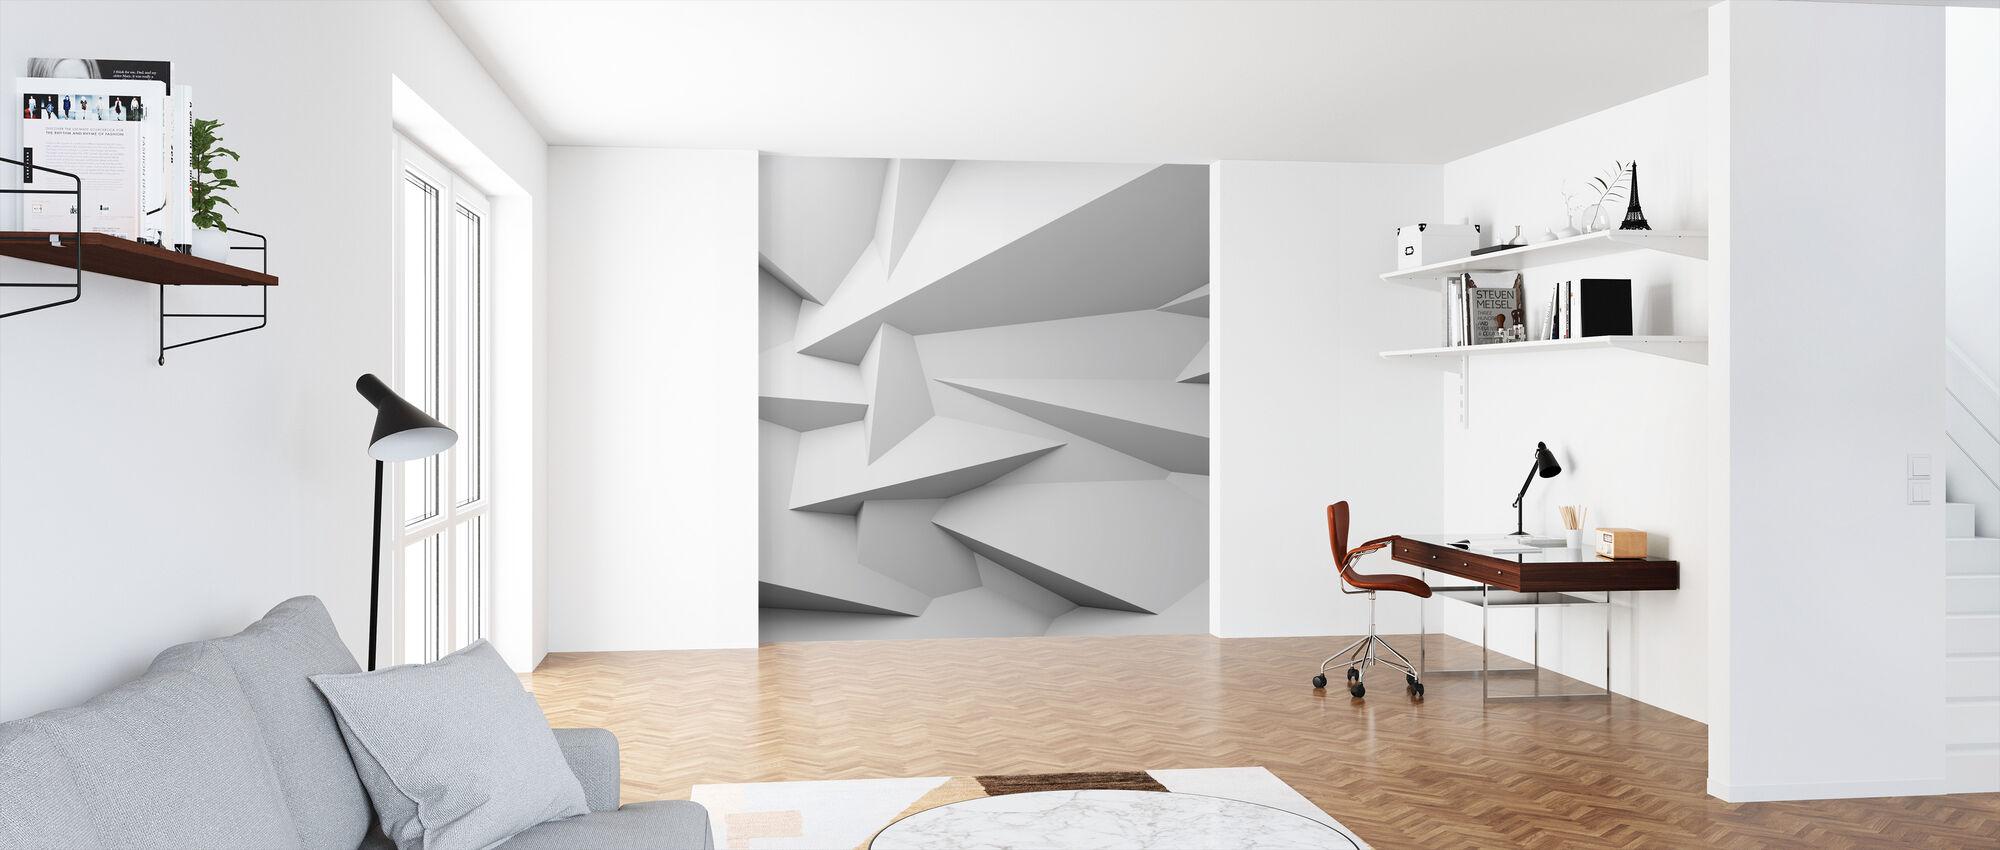 Viistetyt 3D-seinä - Tapetti - Toimisto